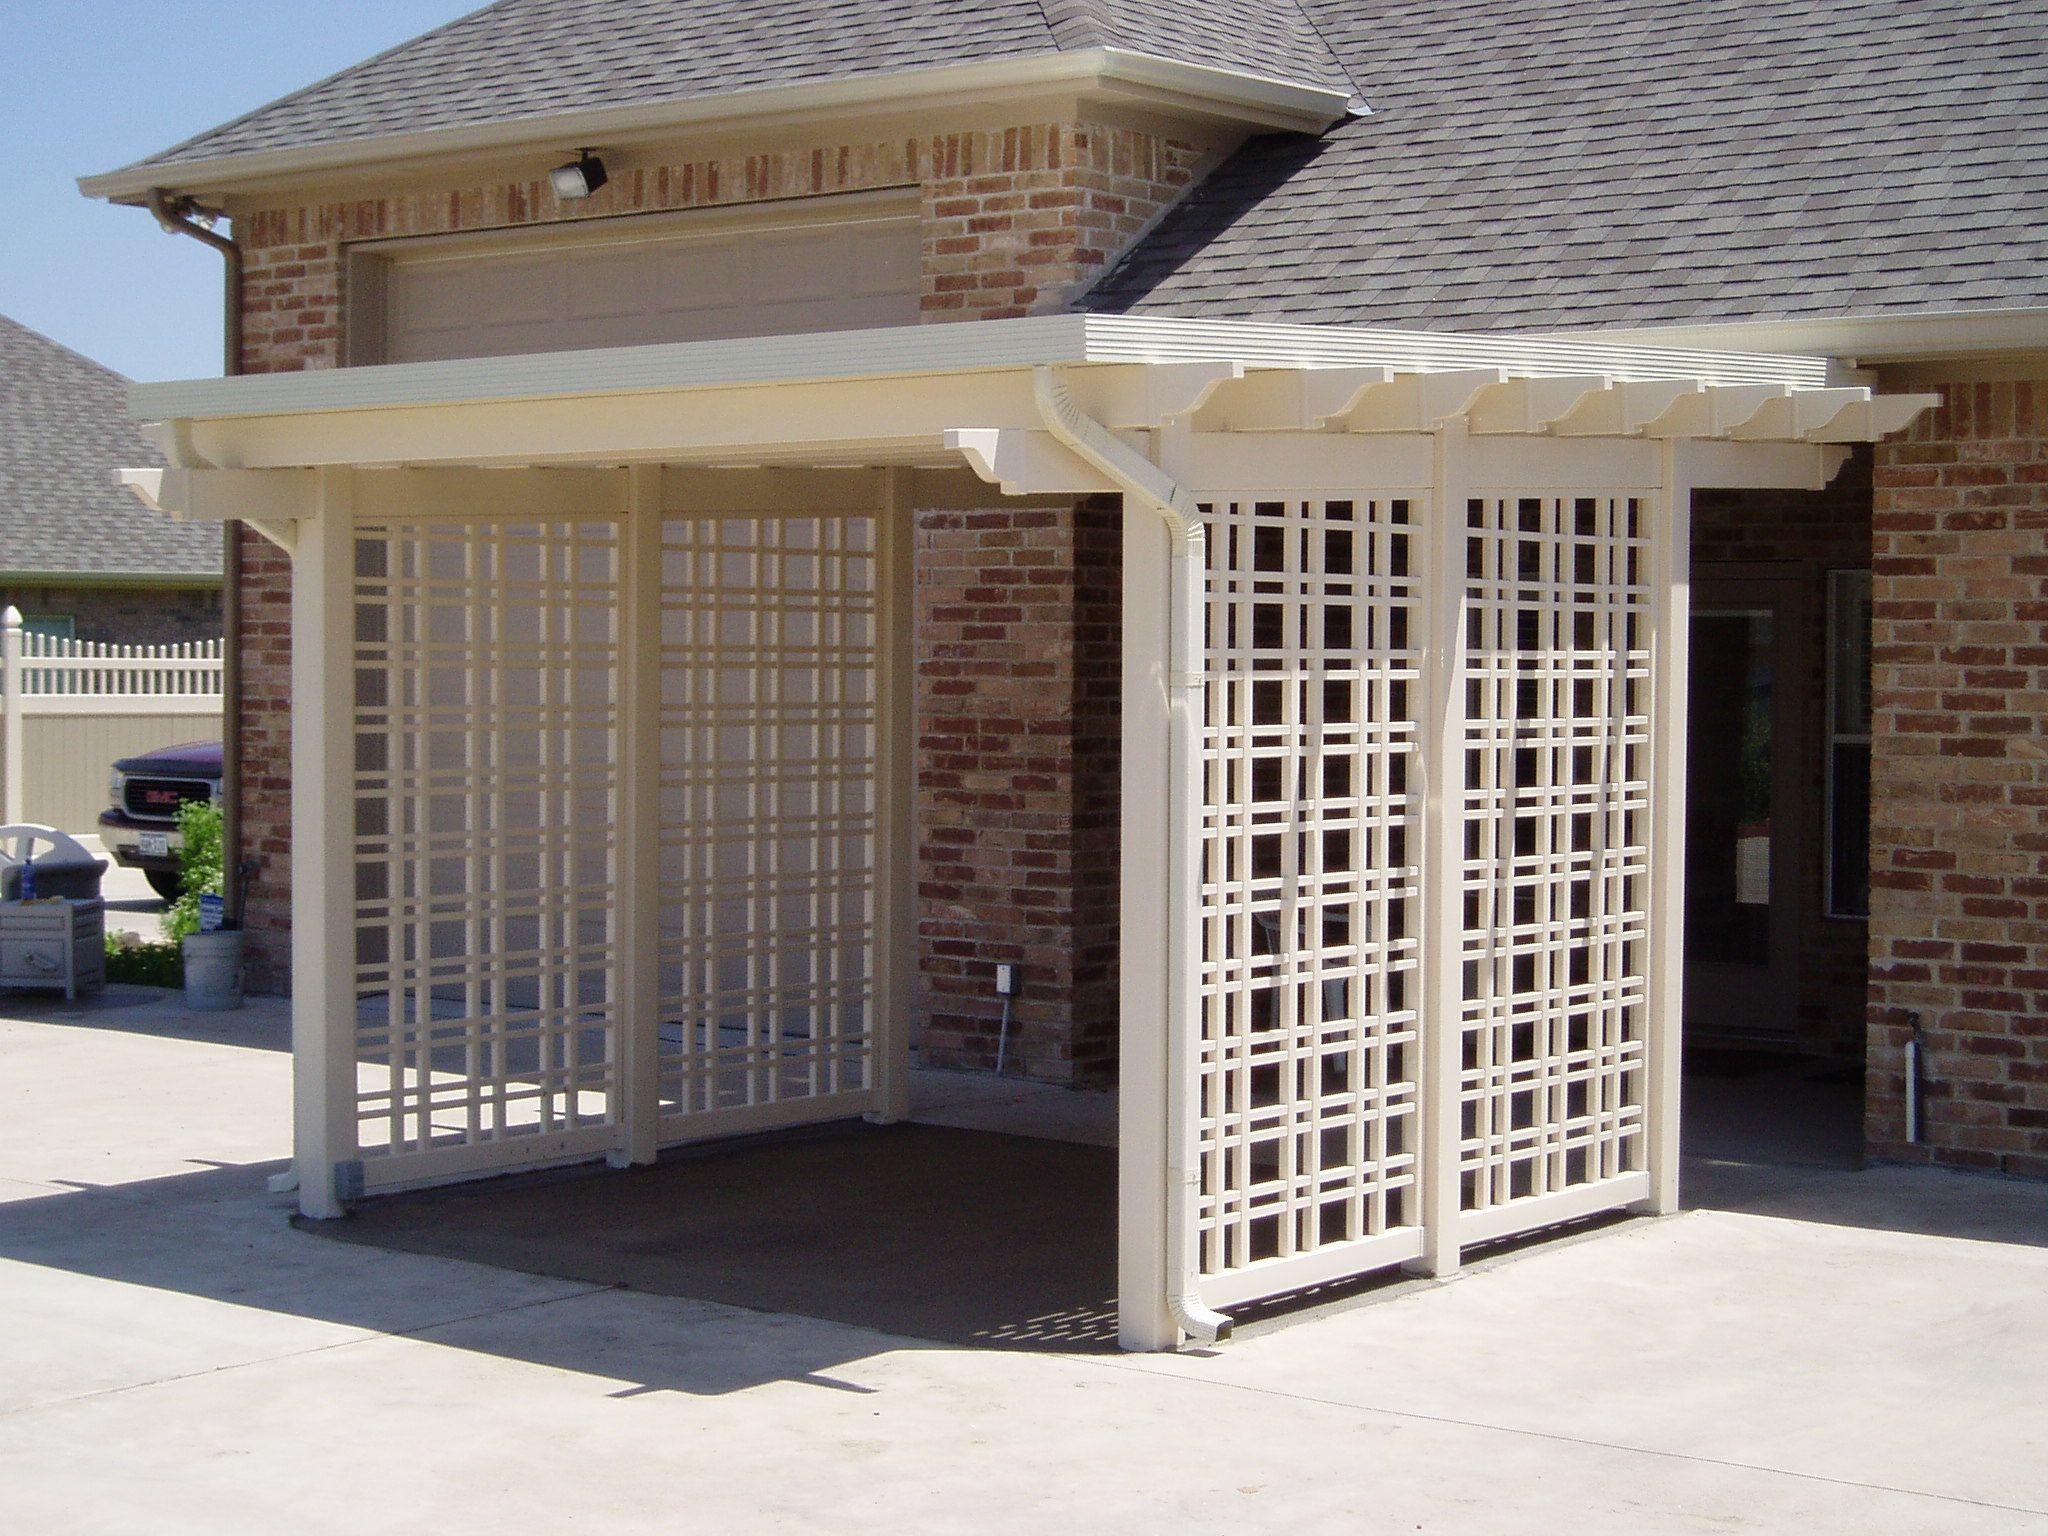 Vinyl Aluminum Patio Cover Shade Structure Aluminum Patio Covers Aluminum Patio